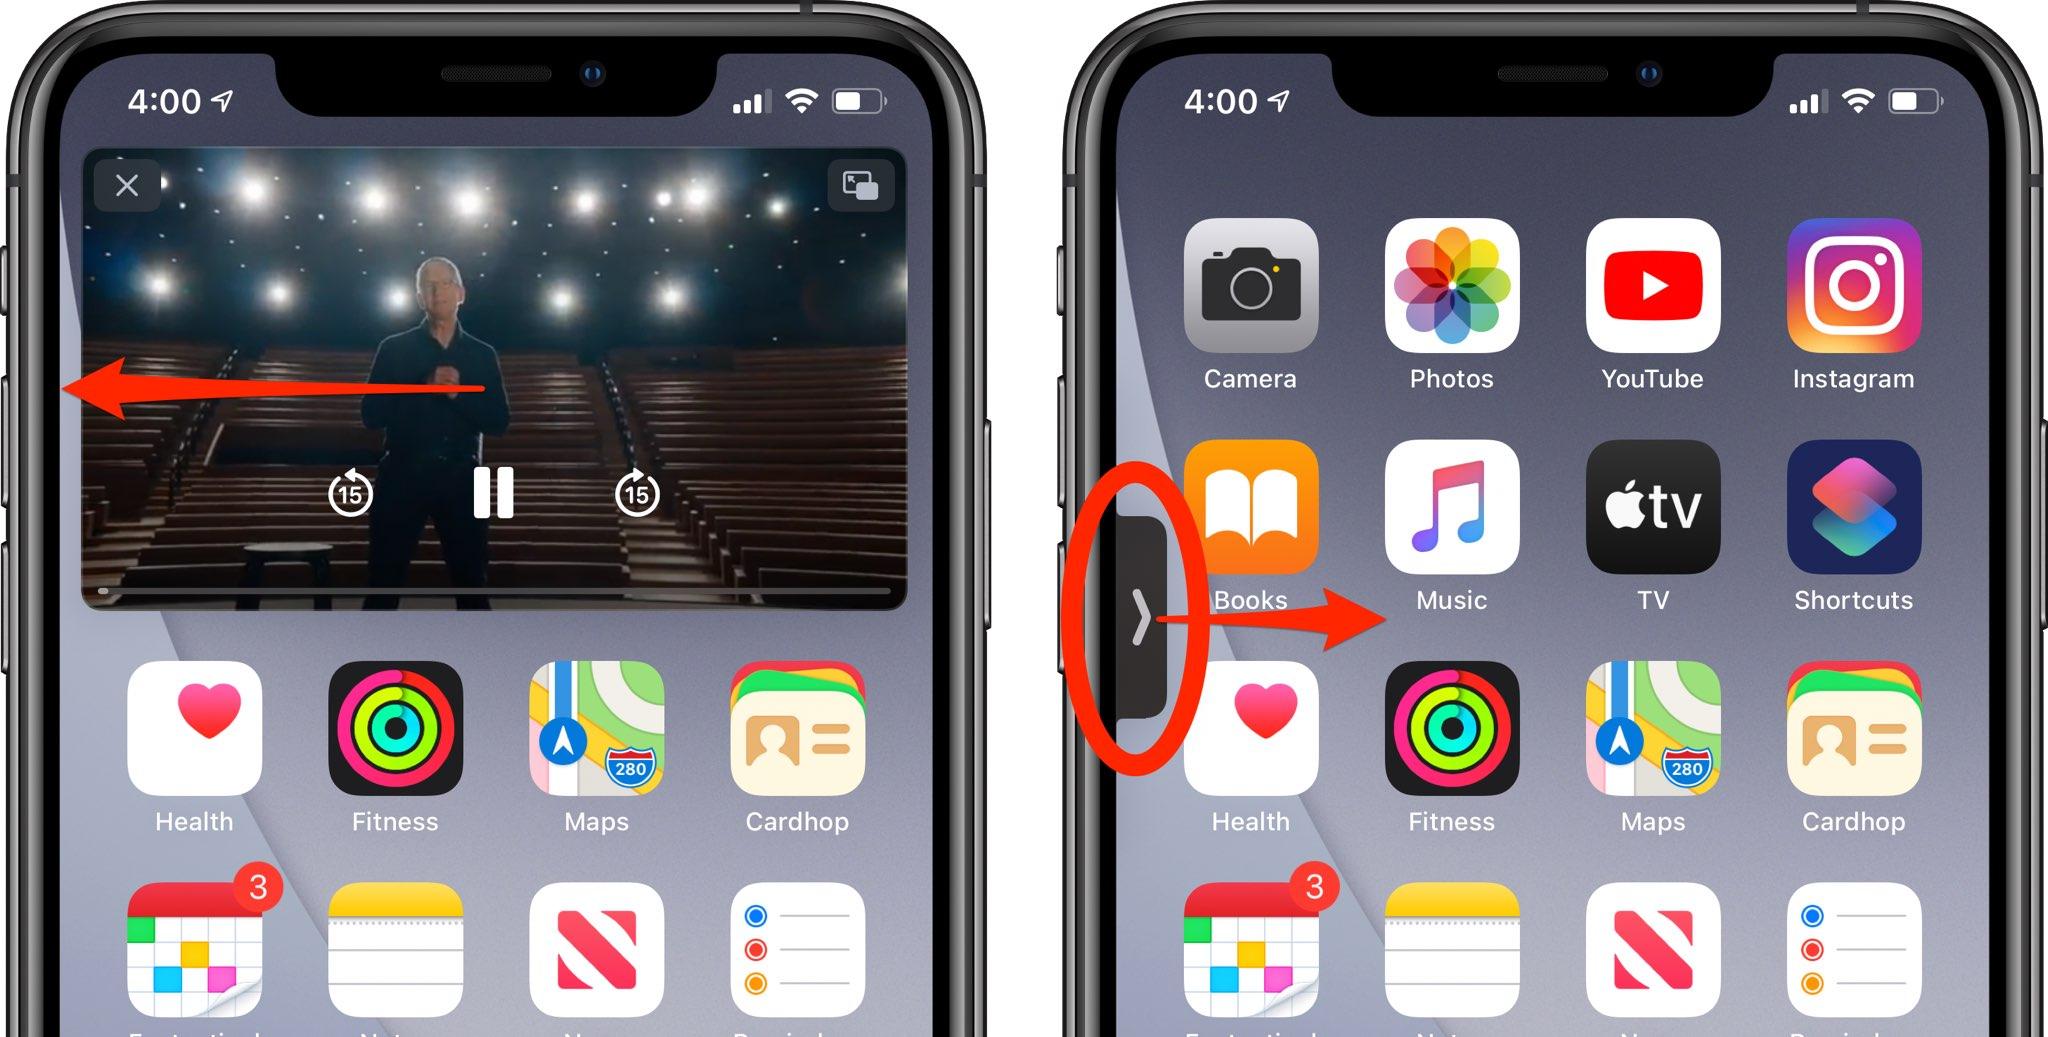 Obrázok na obrázku na iPhone - sprievodca po fondoch